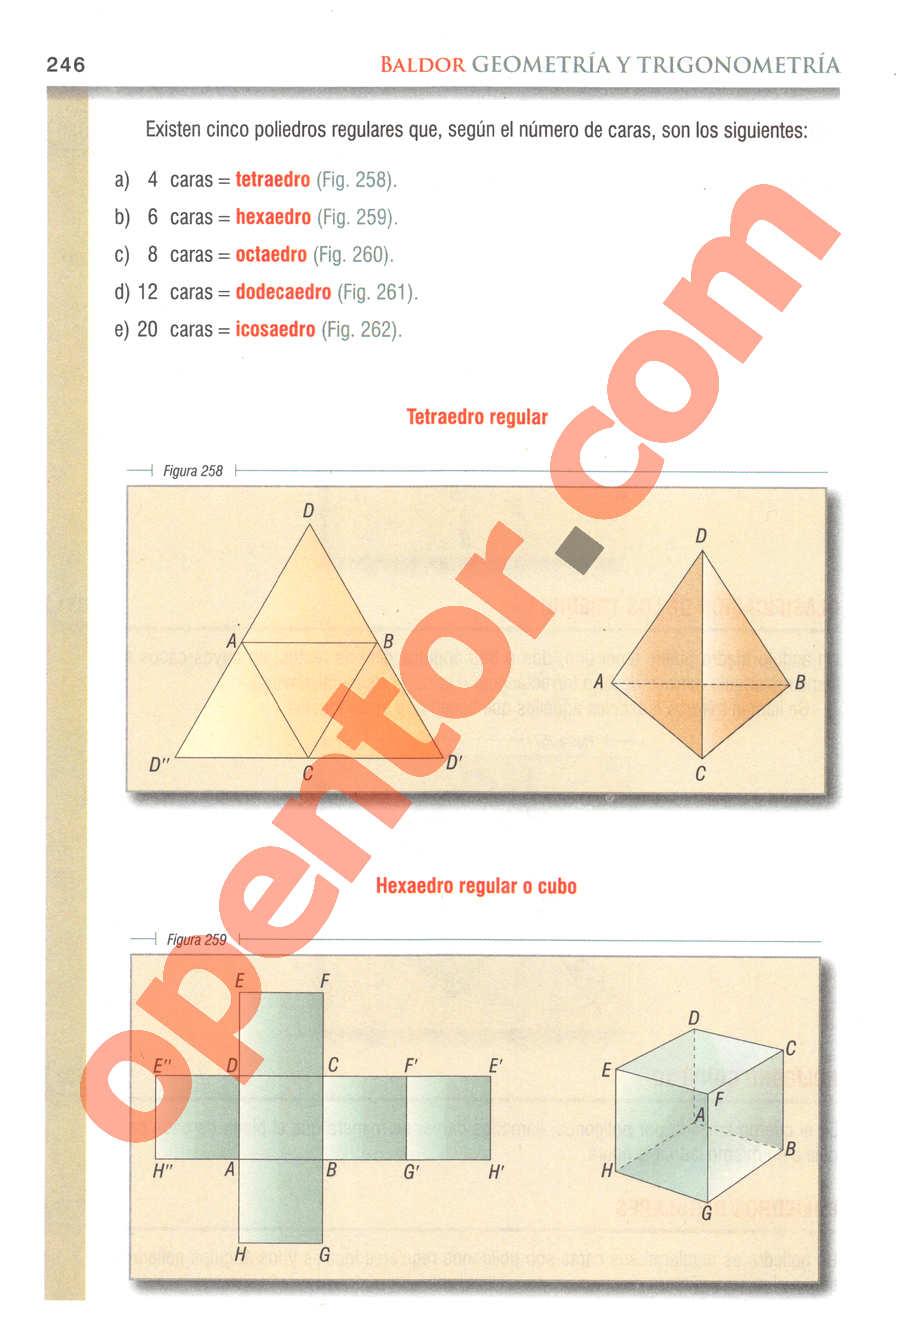 Geometría y Trigonometría de Baldor - Página 246